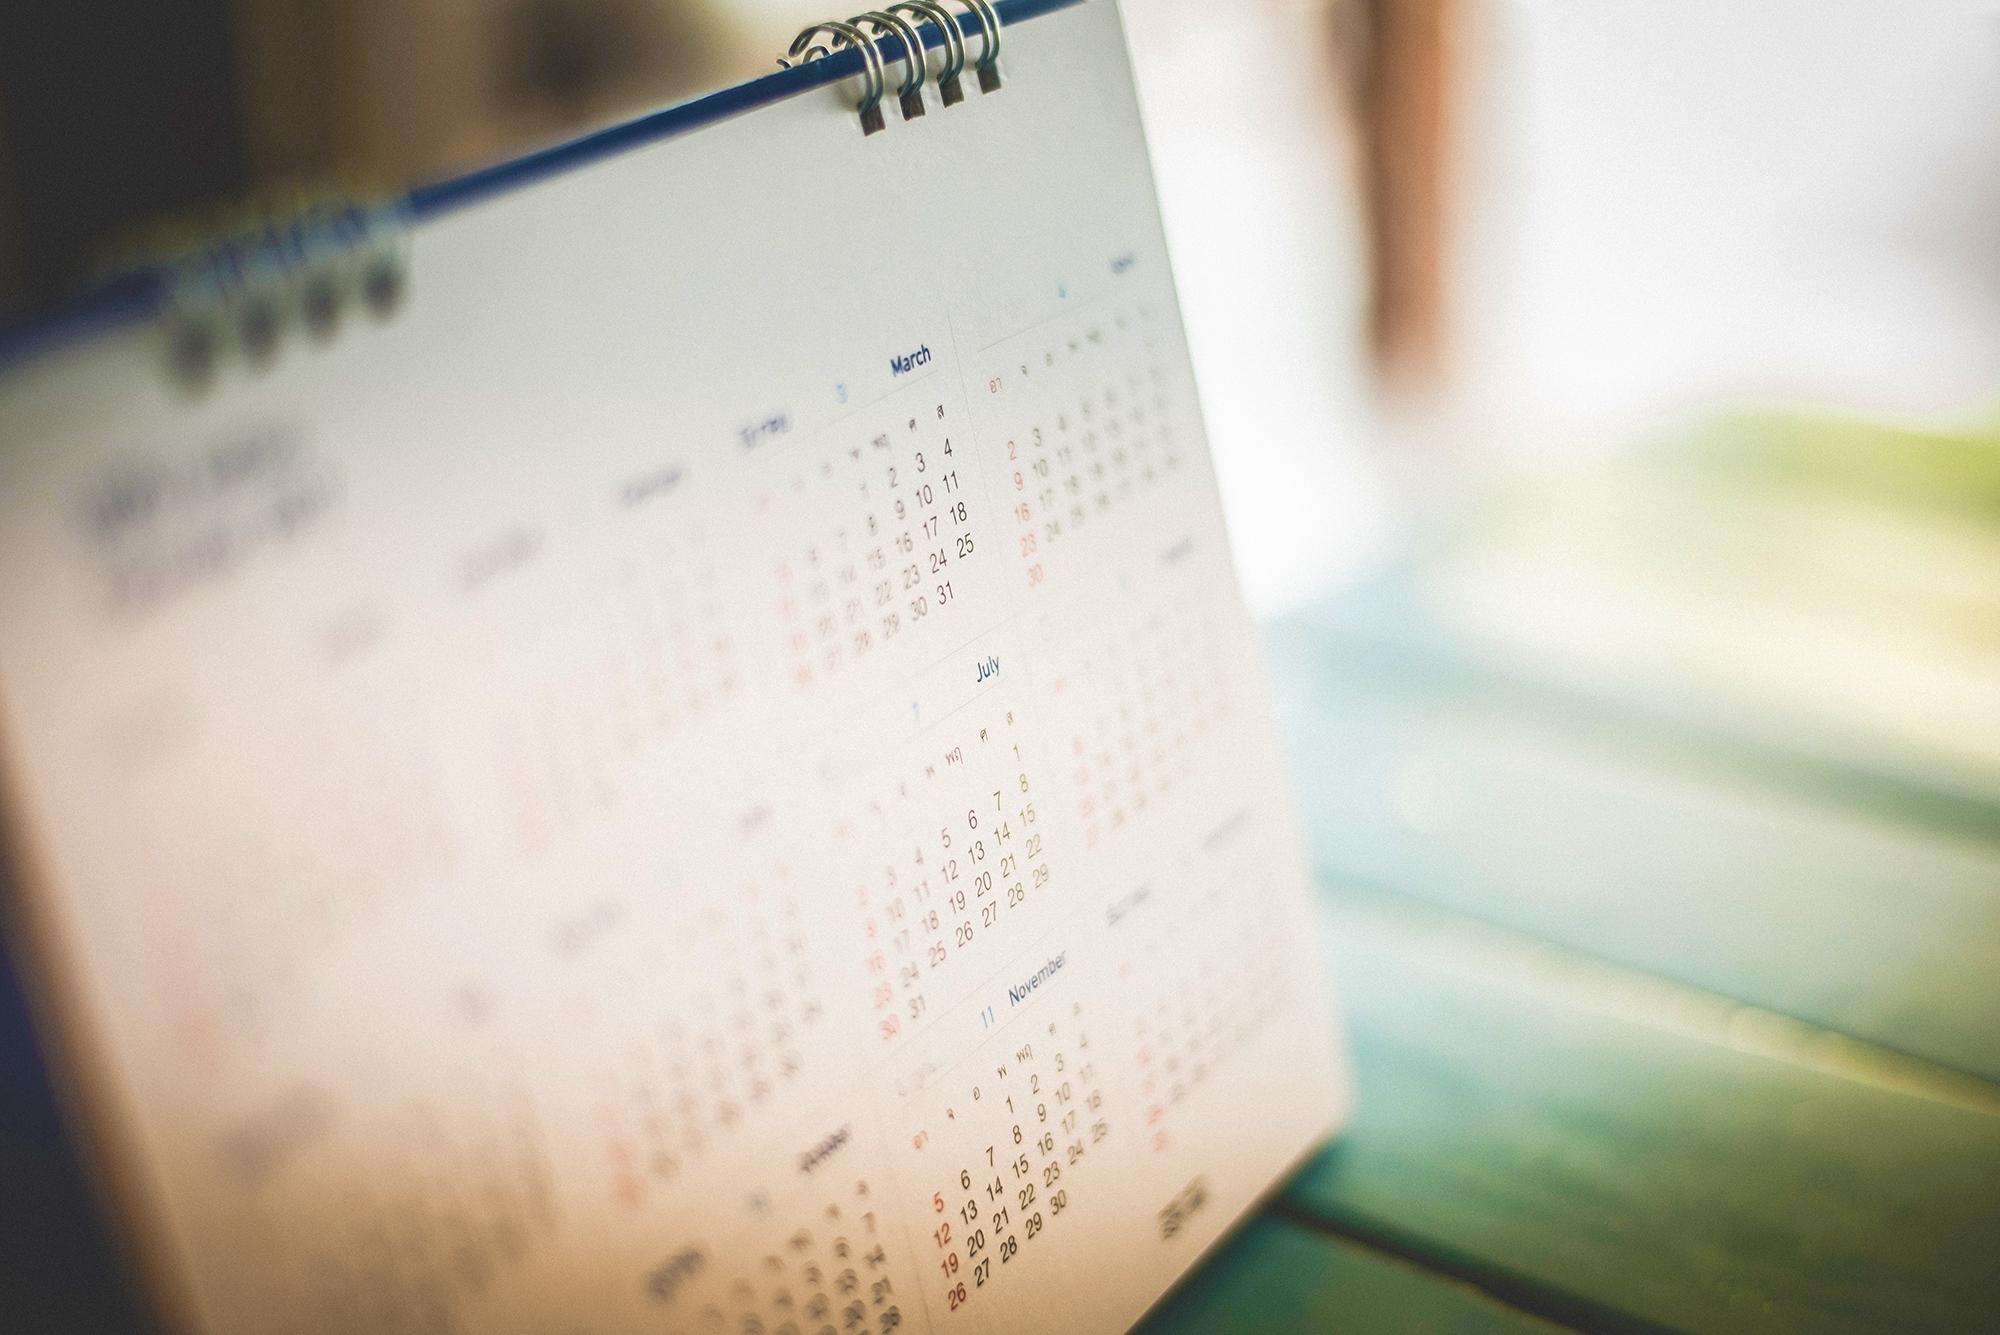 4-5-4 Calendar | Nrf 4-5-4 Calendar 2019